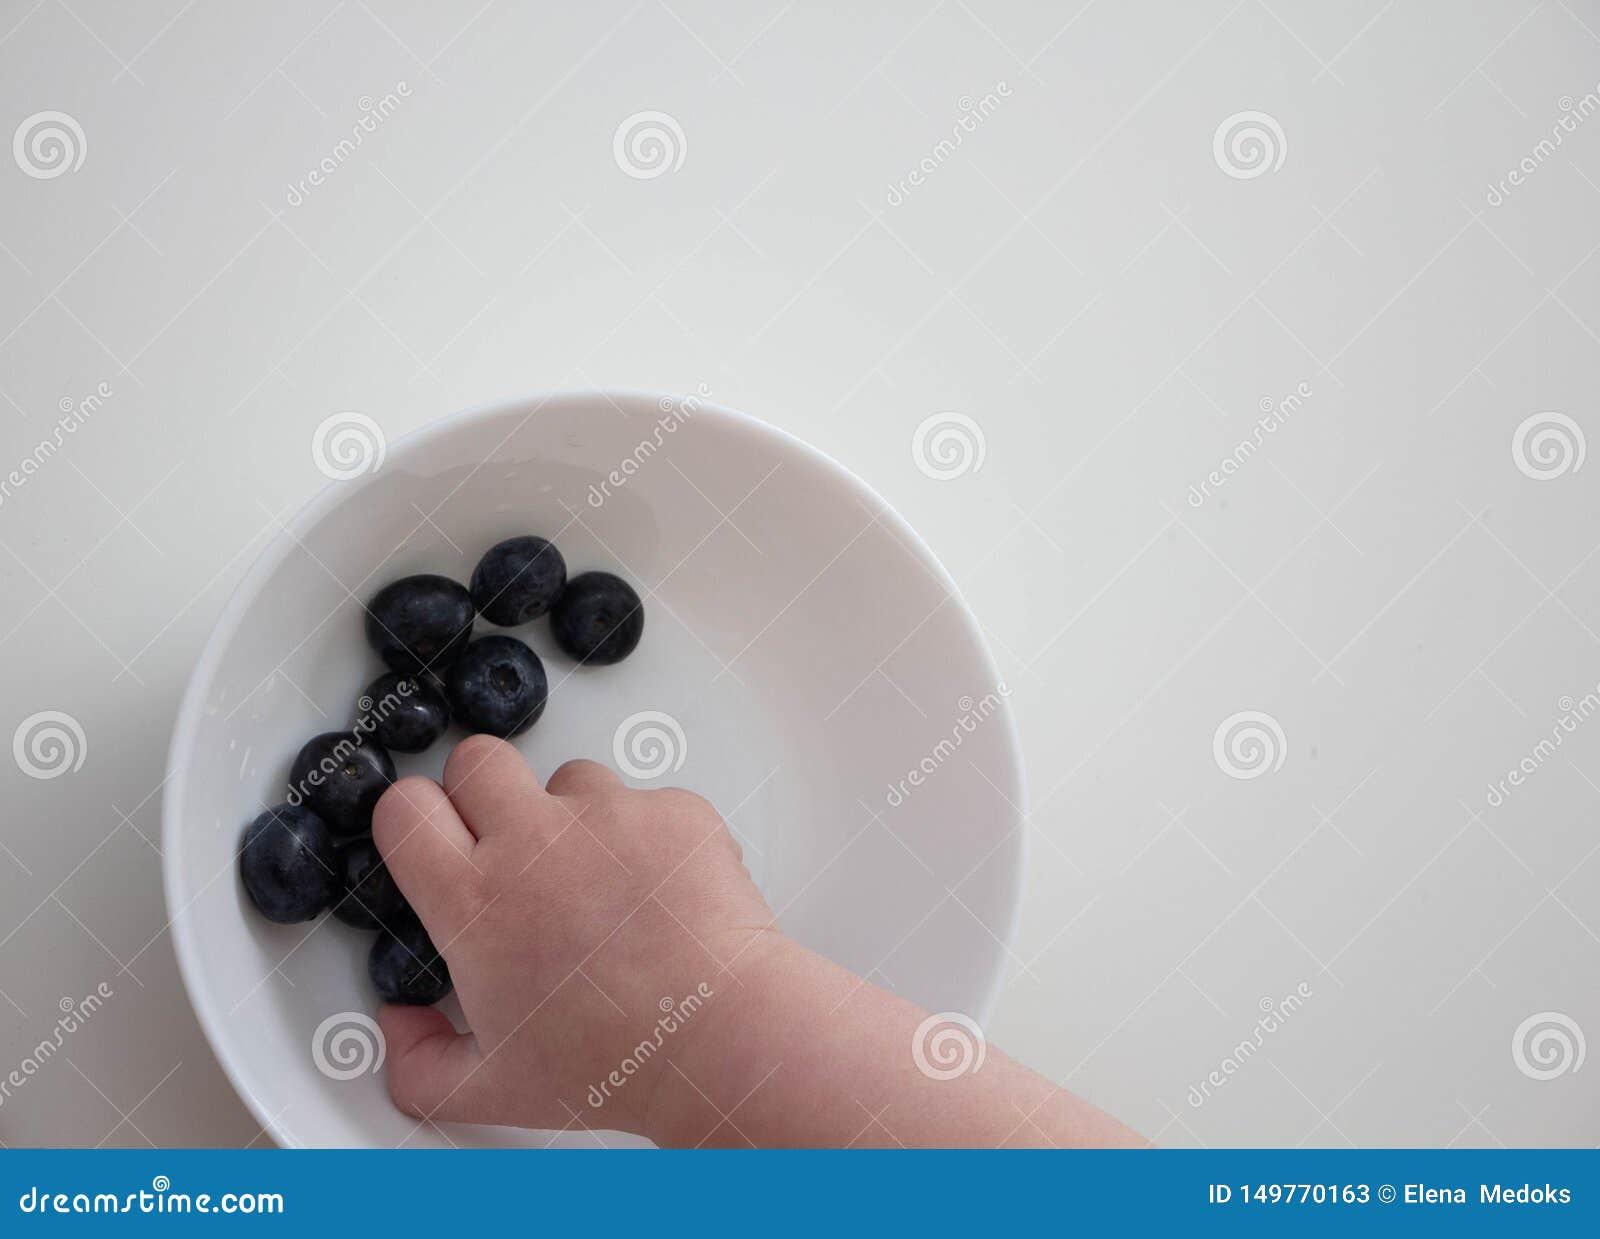 Blaubeeren in den Händen eines Kindes Kinderhand nimmt Blaubeeren von einer weißen Schüssel auf einem weißen Hintergrund